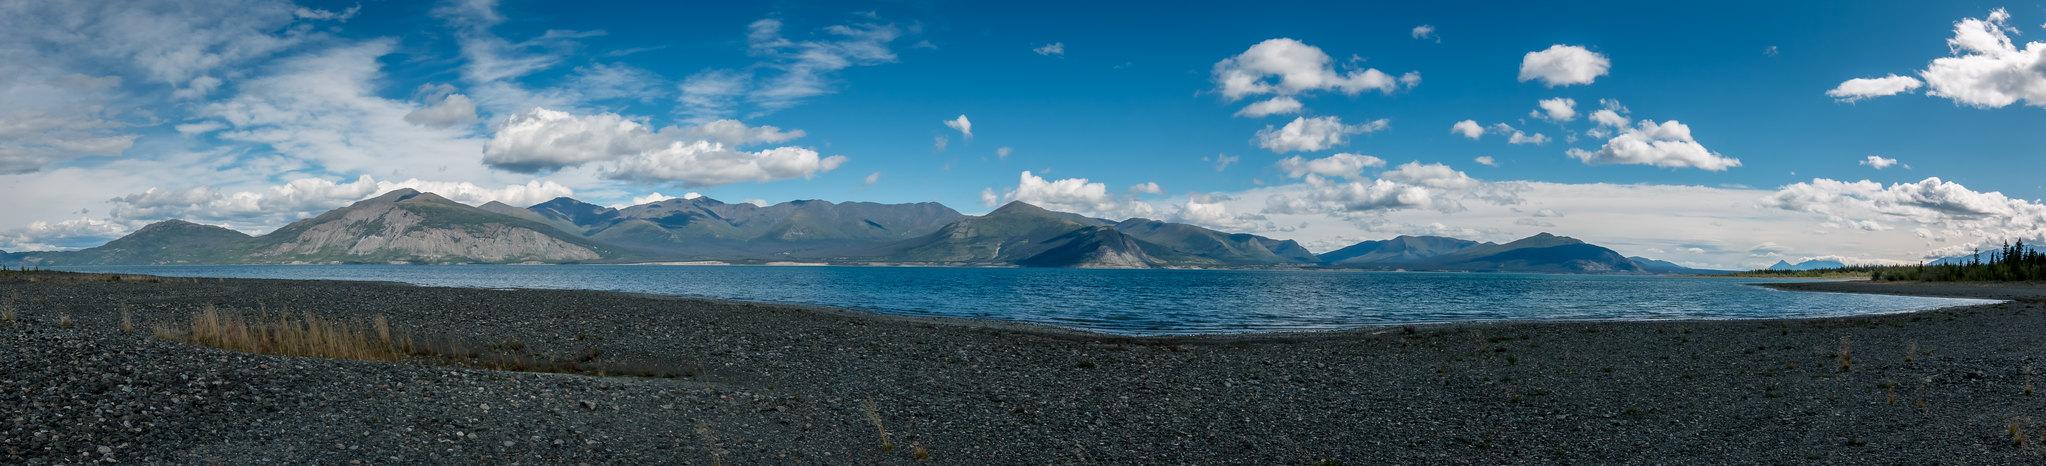 Kluane Lake - Yukon - [Canada]